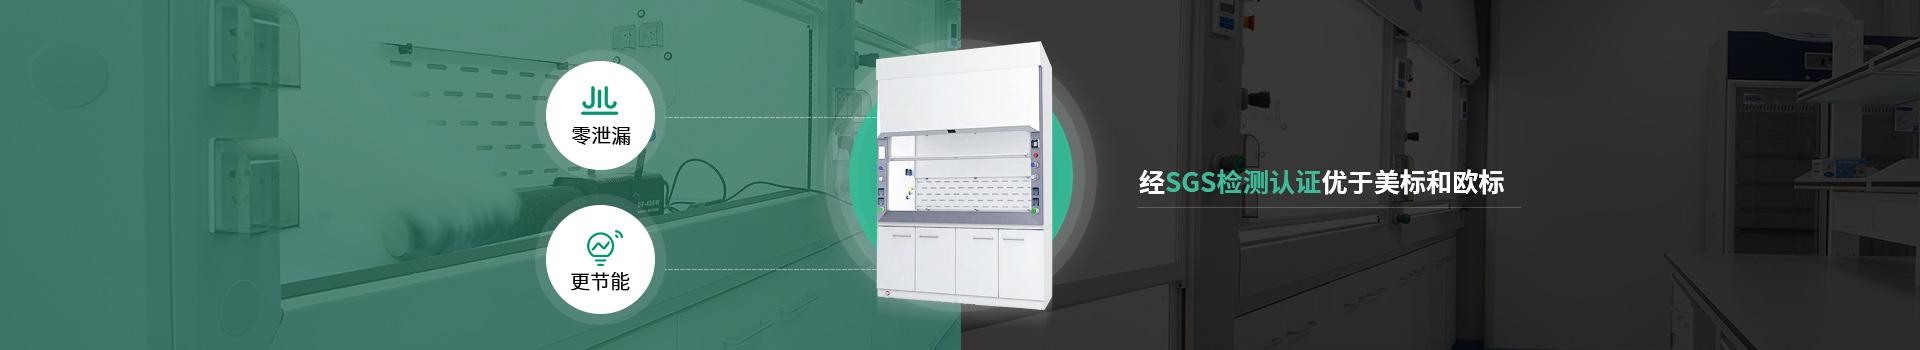 瑞斯达零泄漏,更节能,经SGS检测认证优于美标和欧标